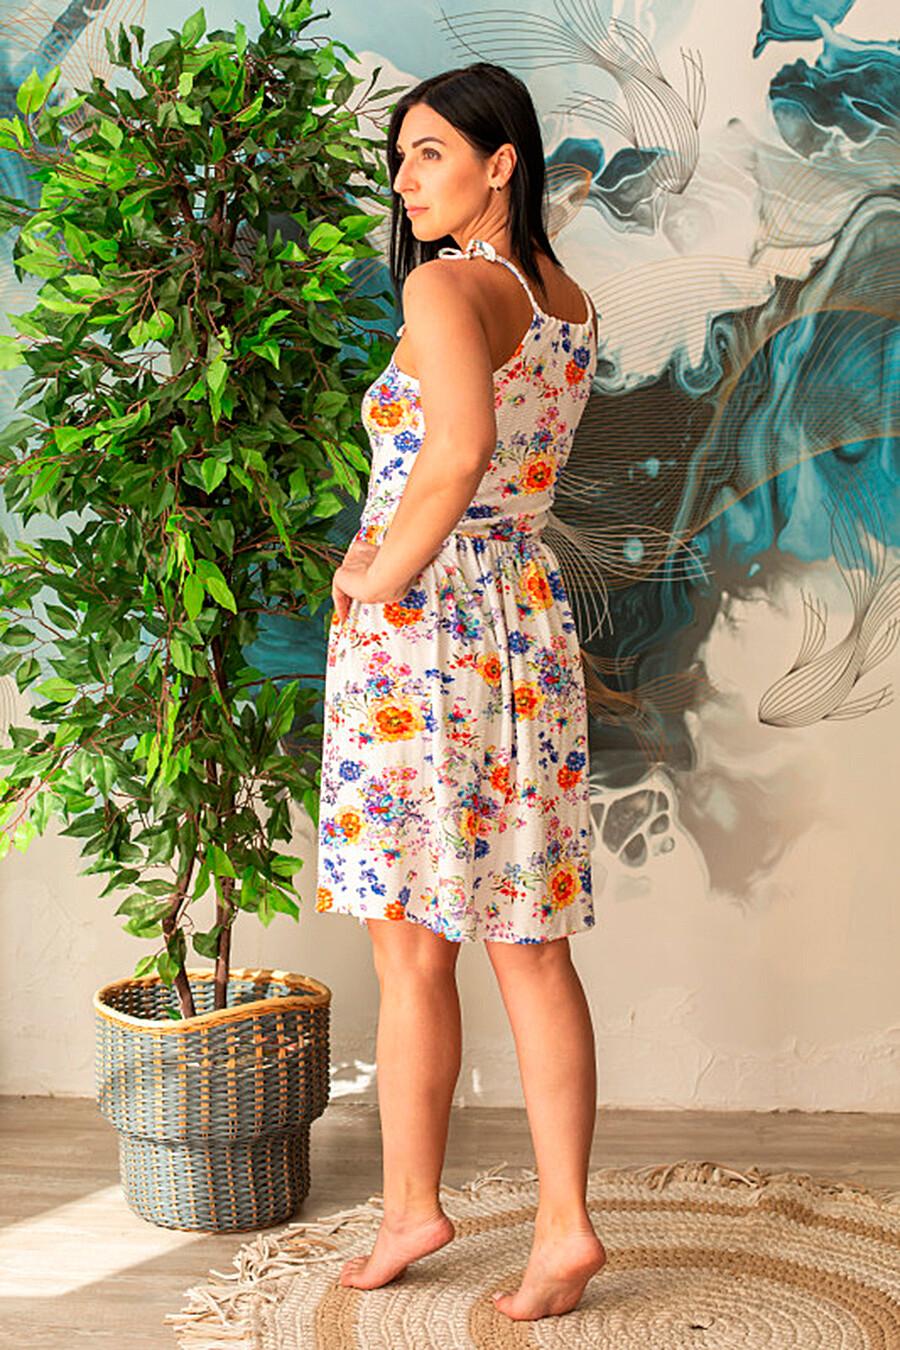 Сарафан для женщин SOFIYA37 668398 купить оптом от производителя. Совместная покупка женской одежды в OptMoyo